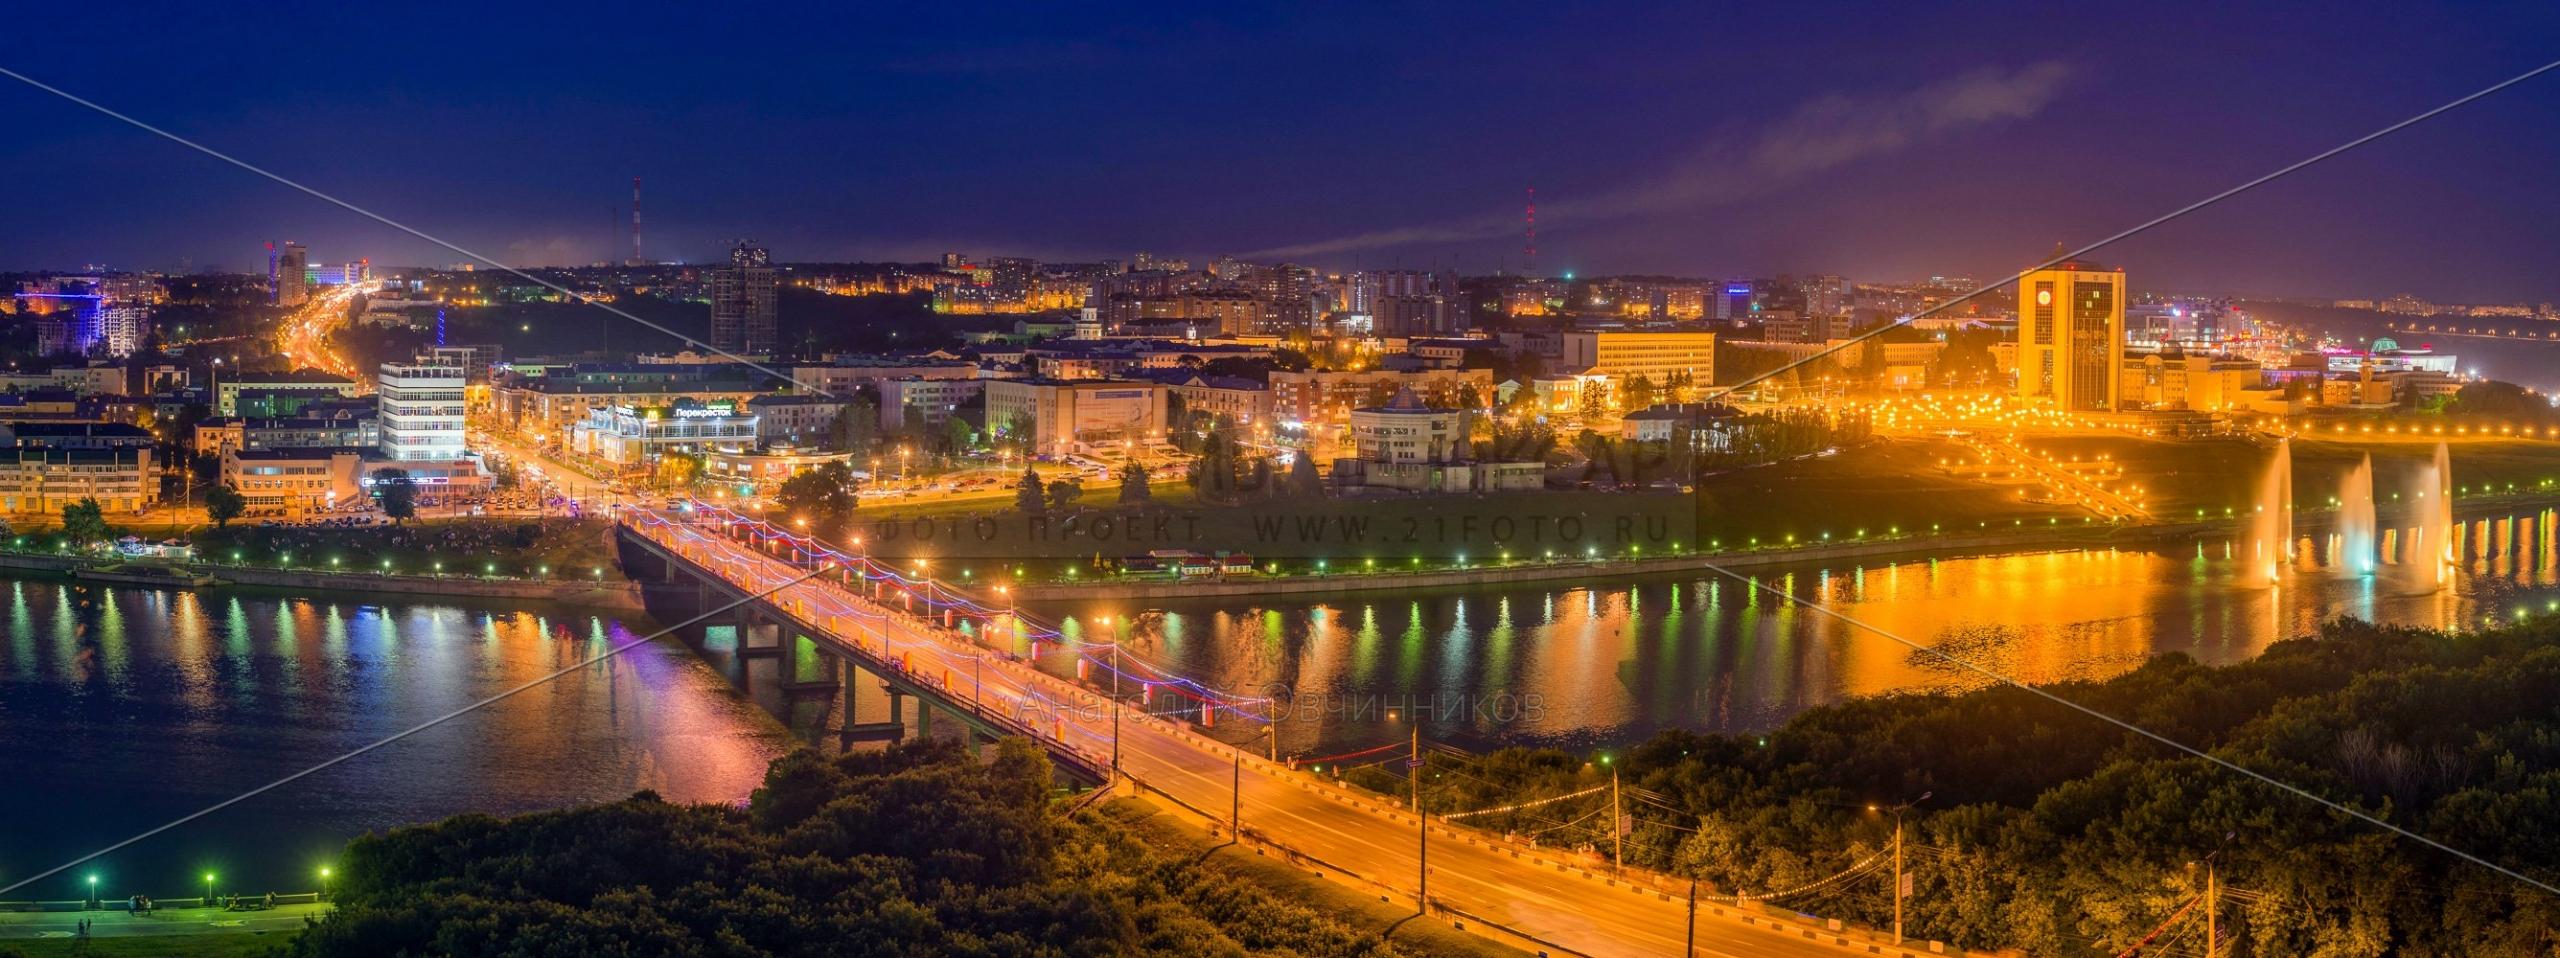 Московский мост 2015 в День Республики